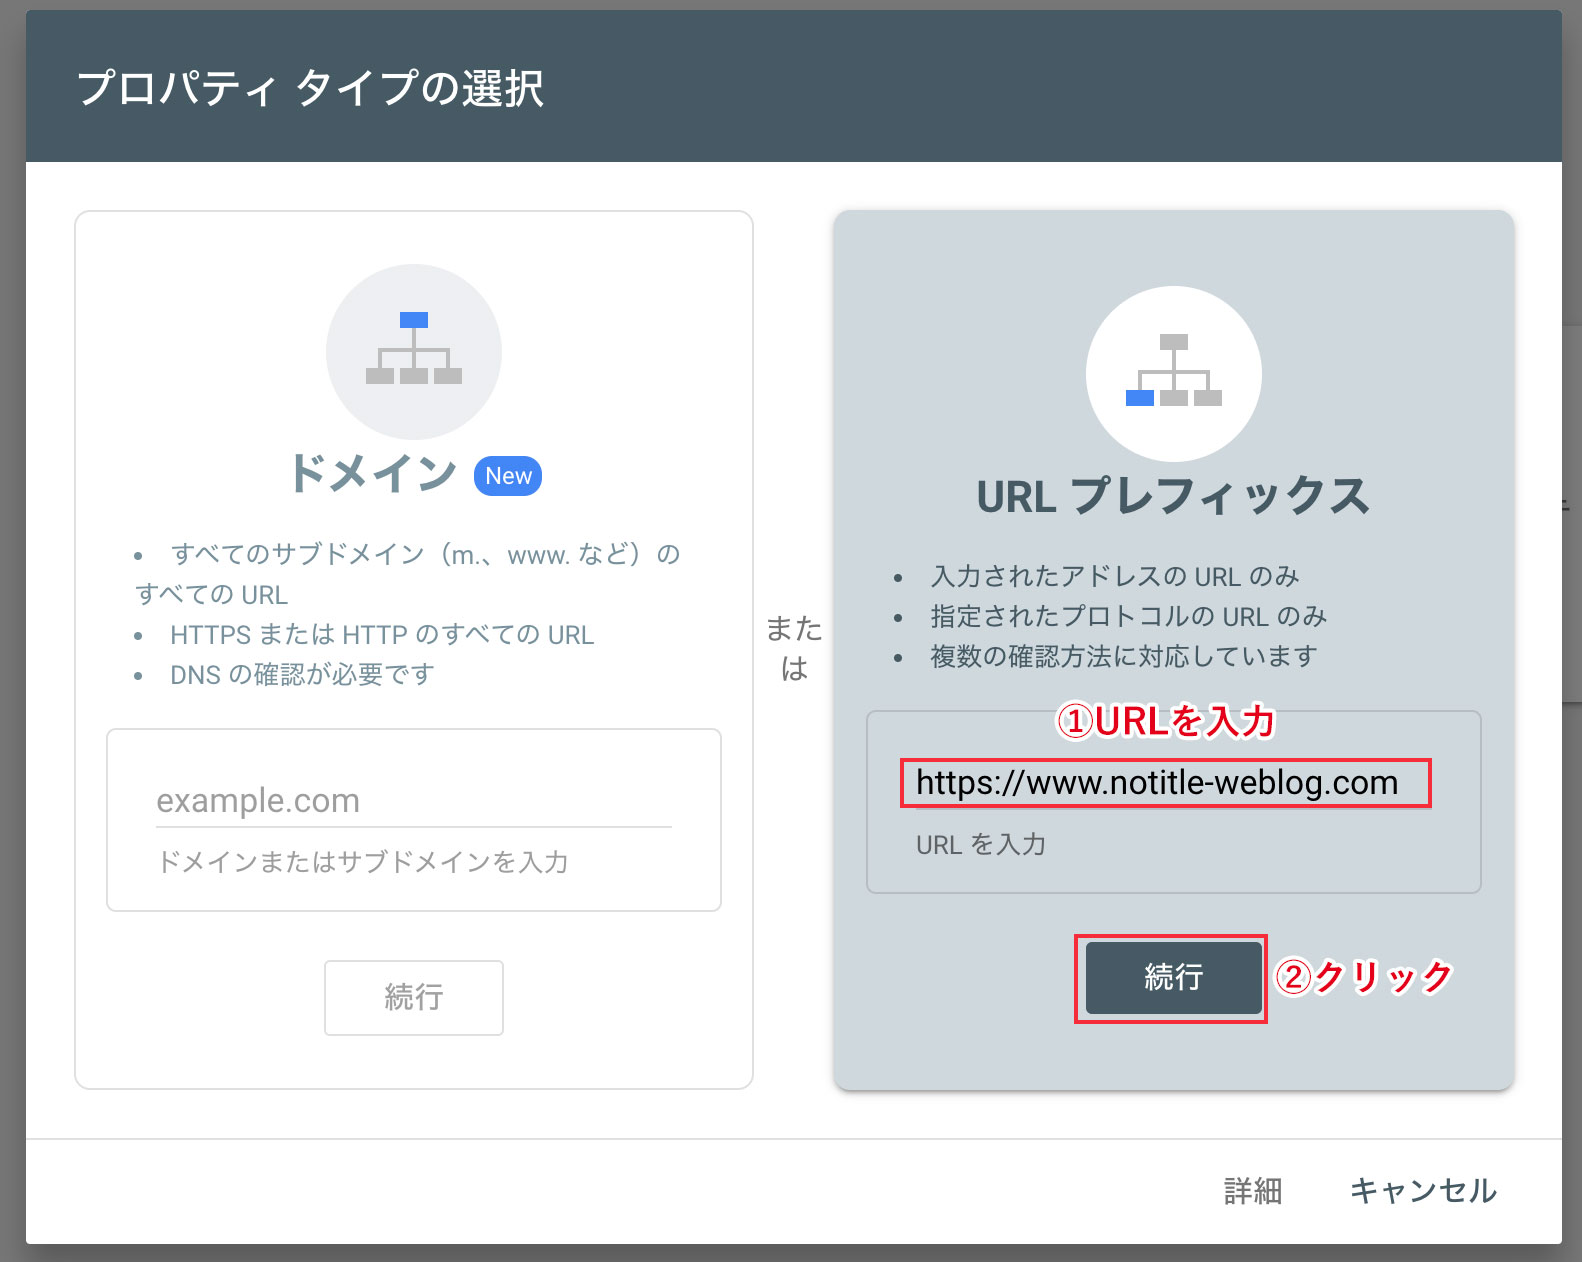 右側の「URLプレフィックス」を使い、URLを入力